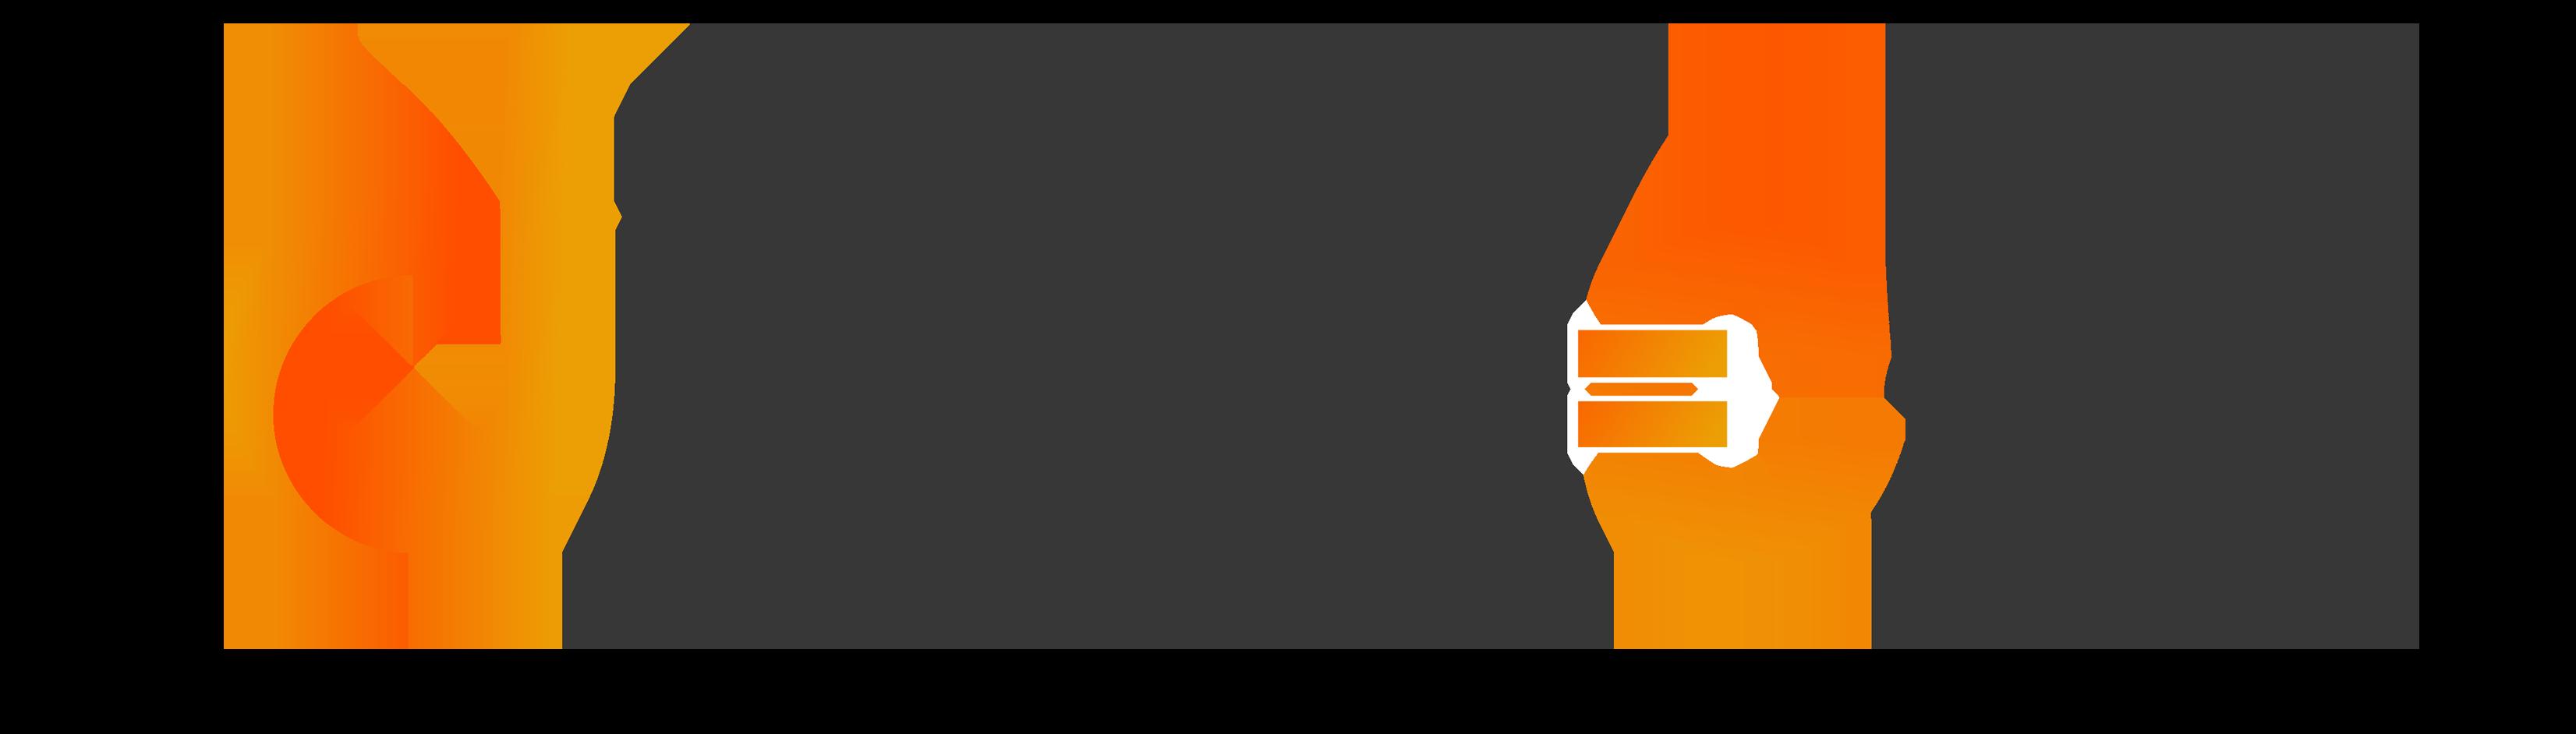 DigNest (I22038)